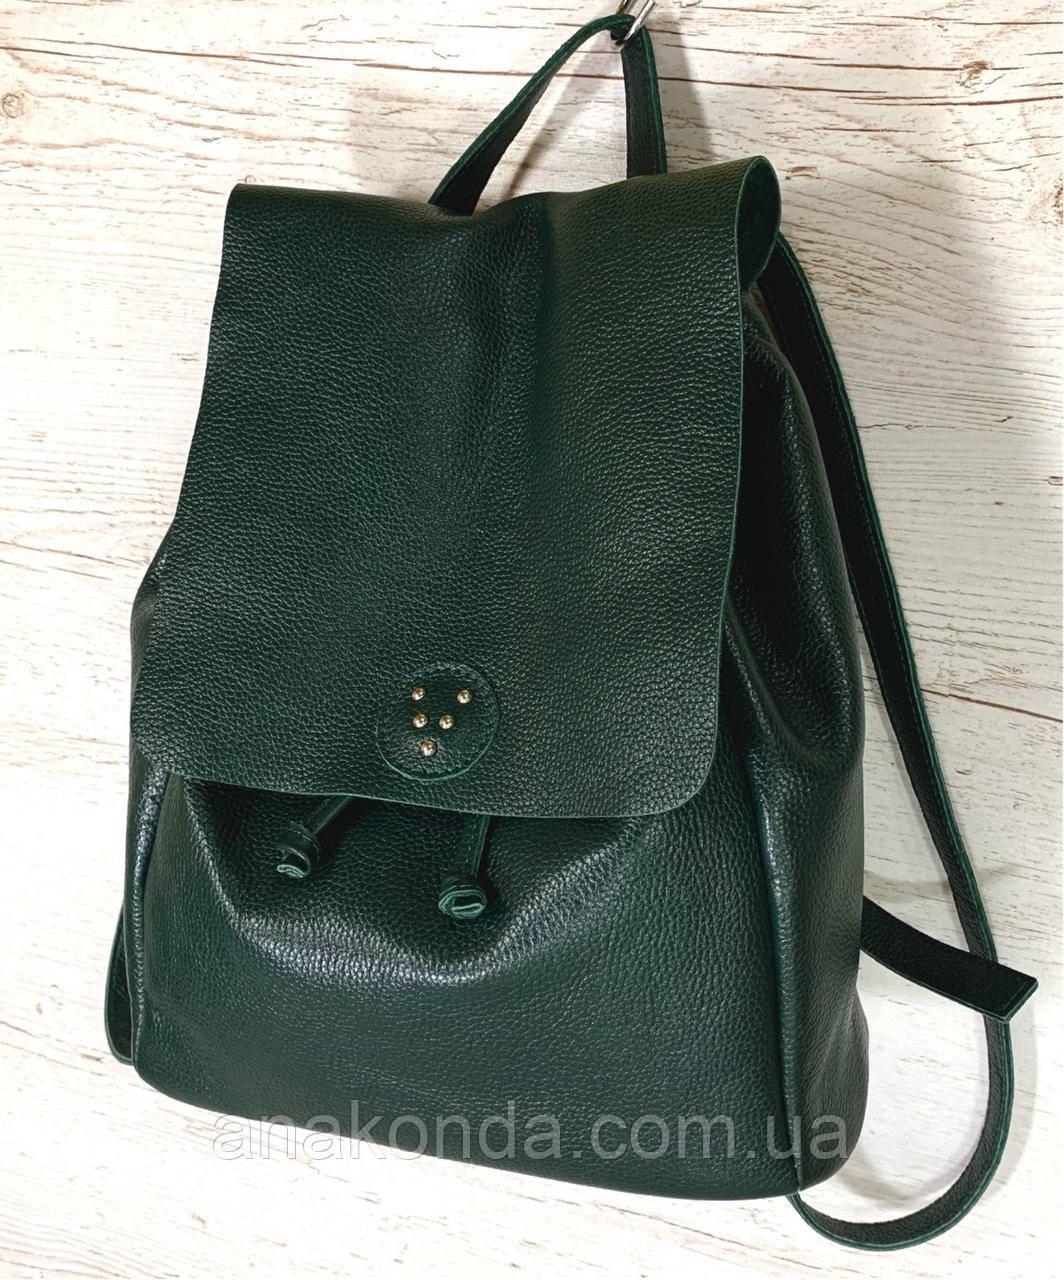 662 Натуральная кожа Городской А-4+ рюкзак кожаный зеленый рюкзак женский из натуральной кожи зеленый А4+